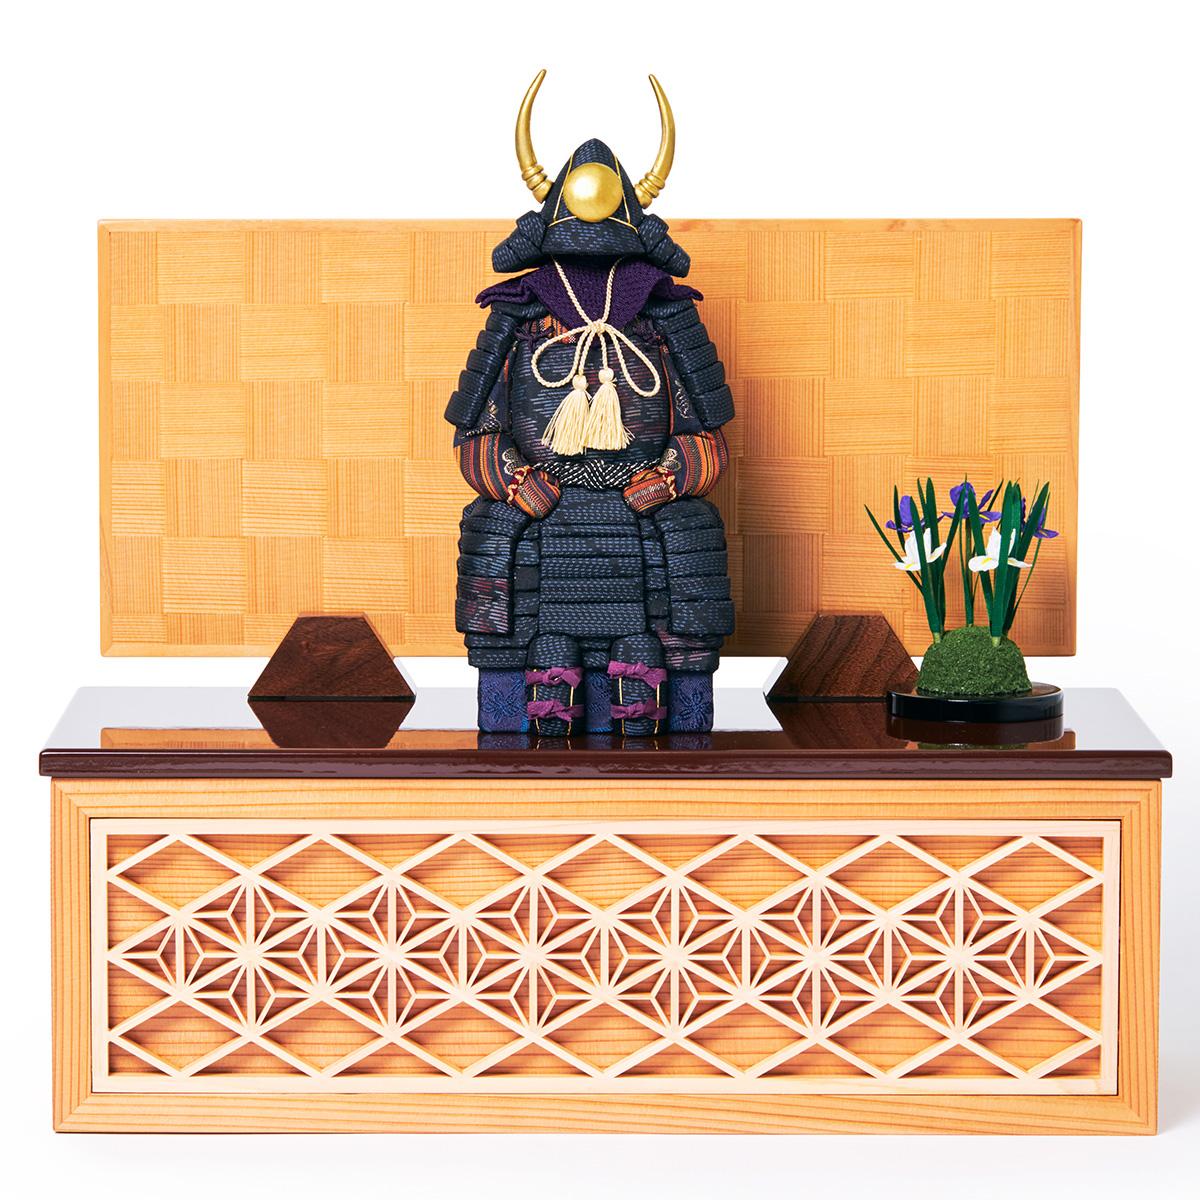 次世代に伝えていきたい最高峰の日本伝統技術を結集させ、コンパクト・モダンに。リビングや玄関に飾れる「プレミアム鎧飾り・五月人形」